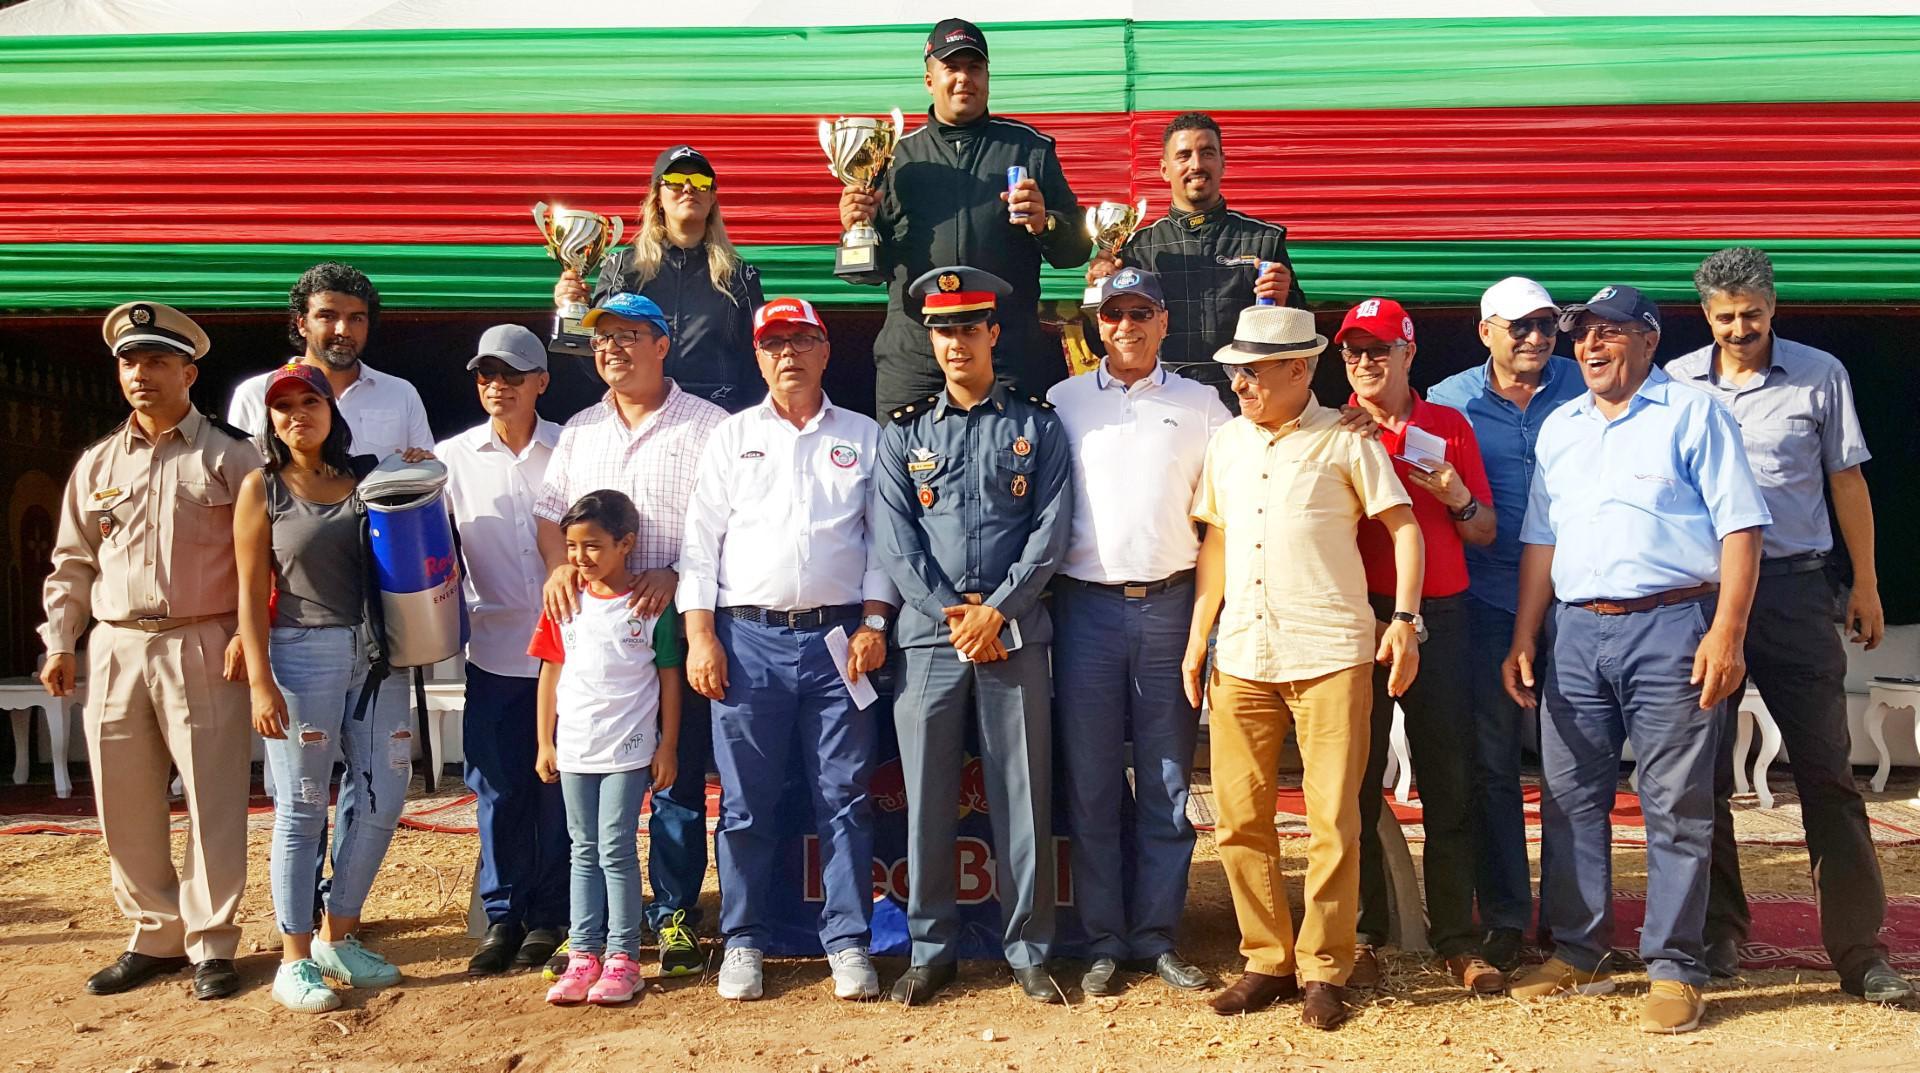 2eme-manche-du-championnat-du-maroc-des-circuits-845-1.jpg